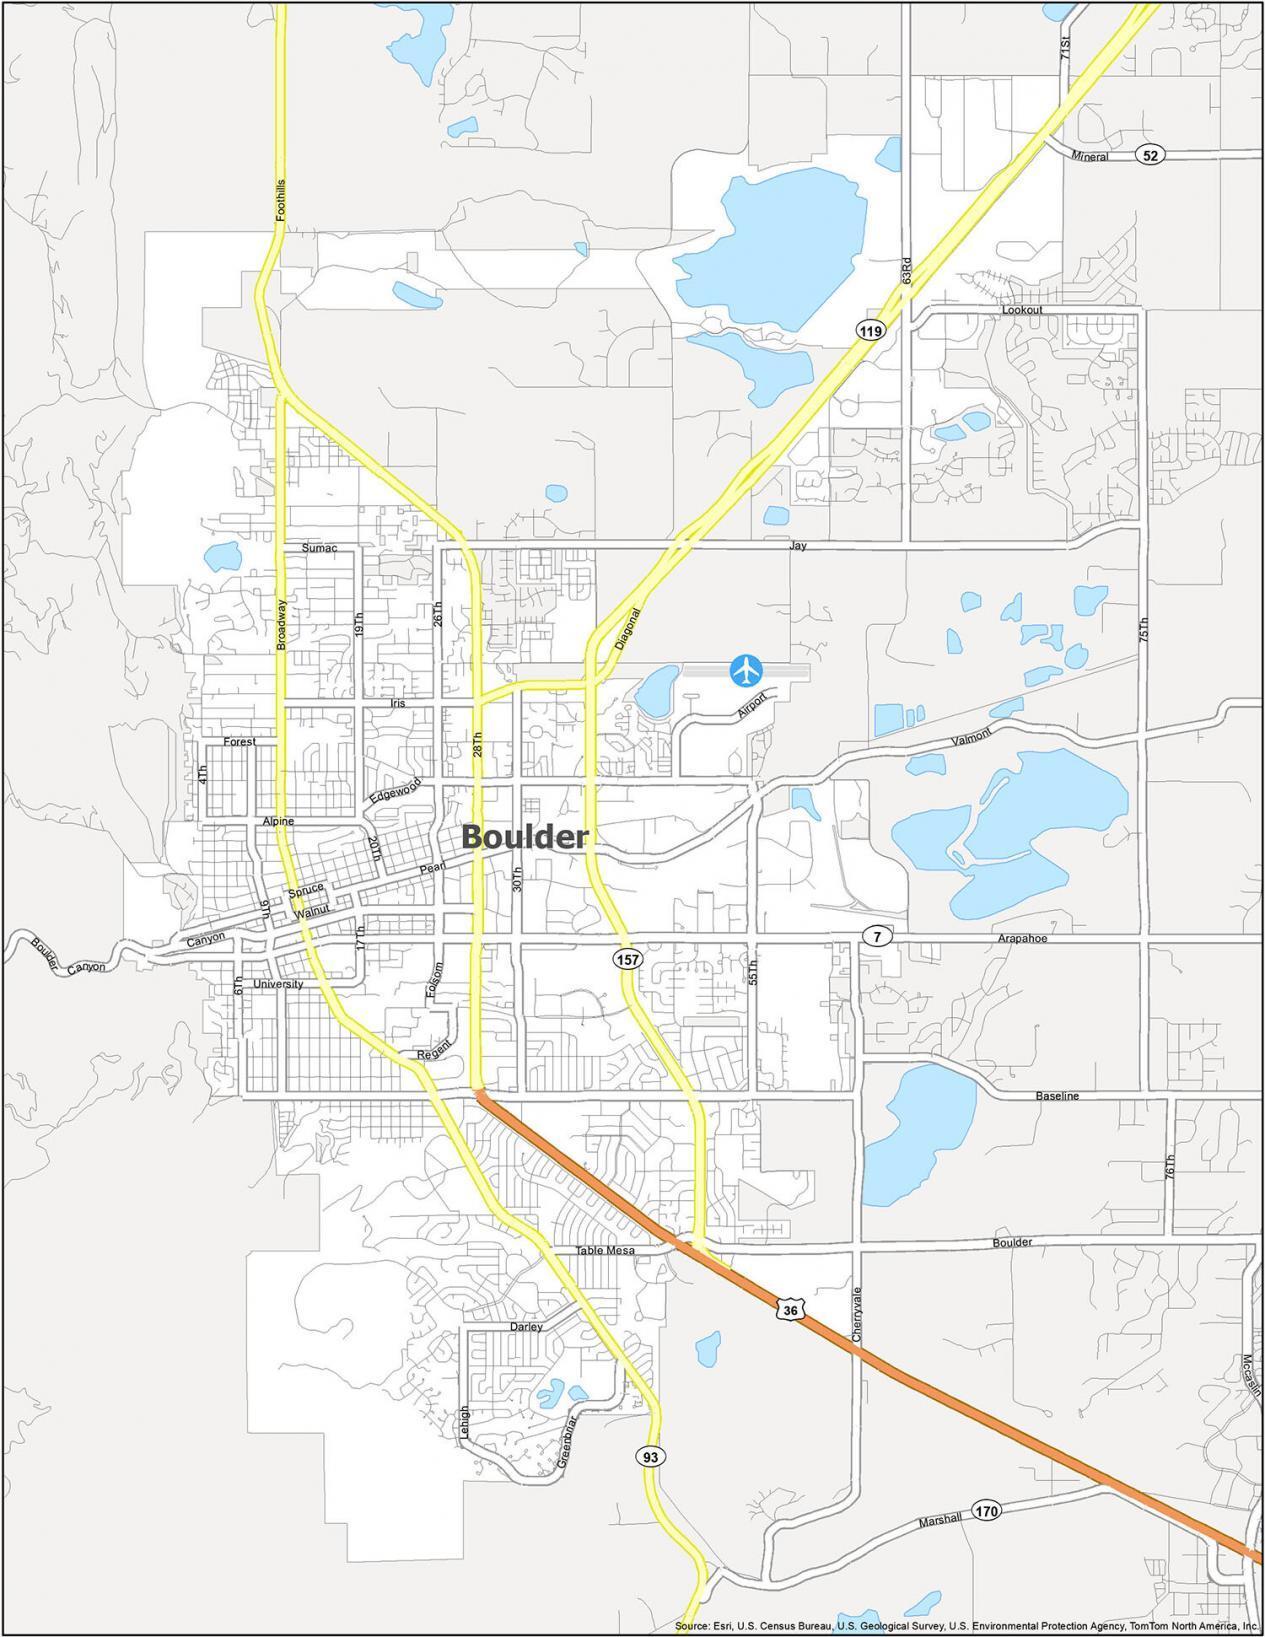 Boulder Road Map